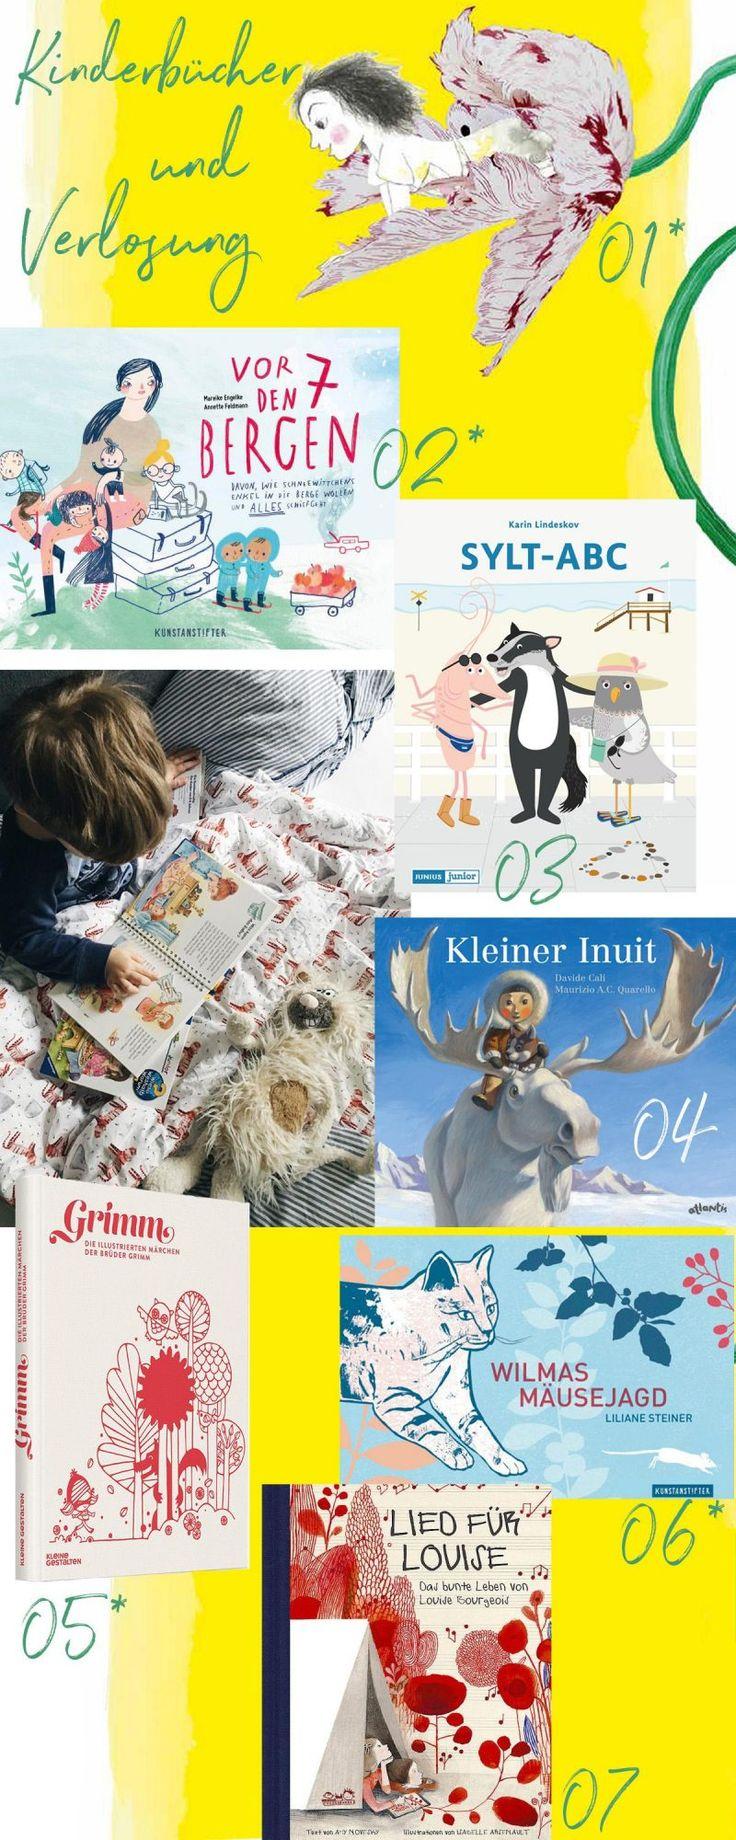 Verlosung 4 von 10 Kinderbuch Lieblingen: Die schönsten Pinterest Kinderbücher für Kleinkinder | Pinspiration